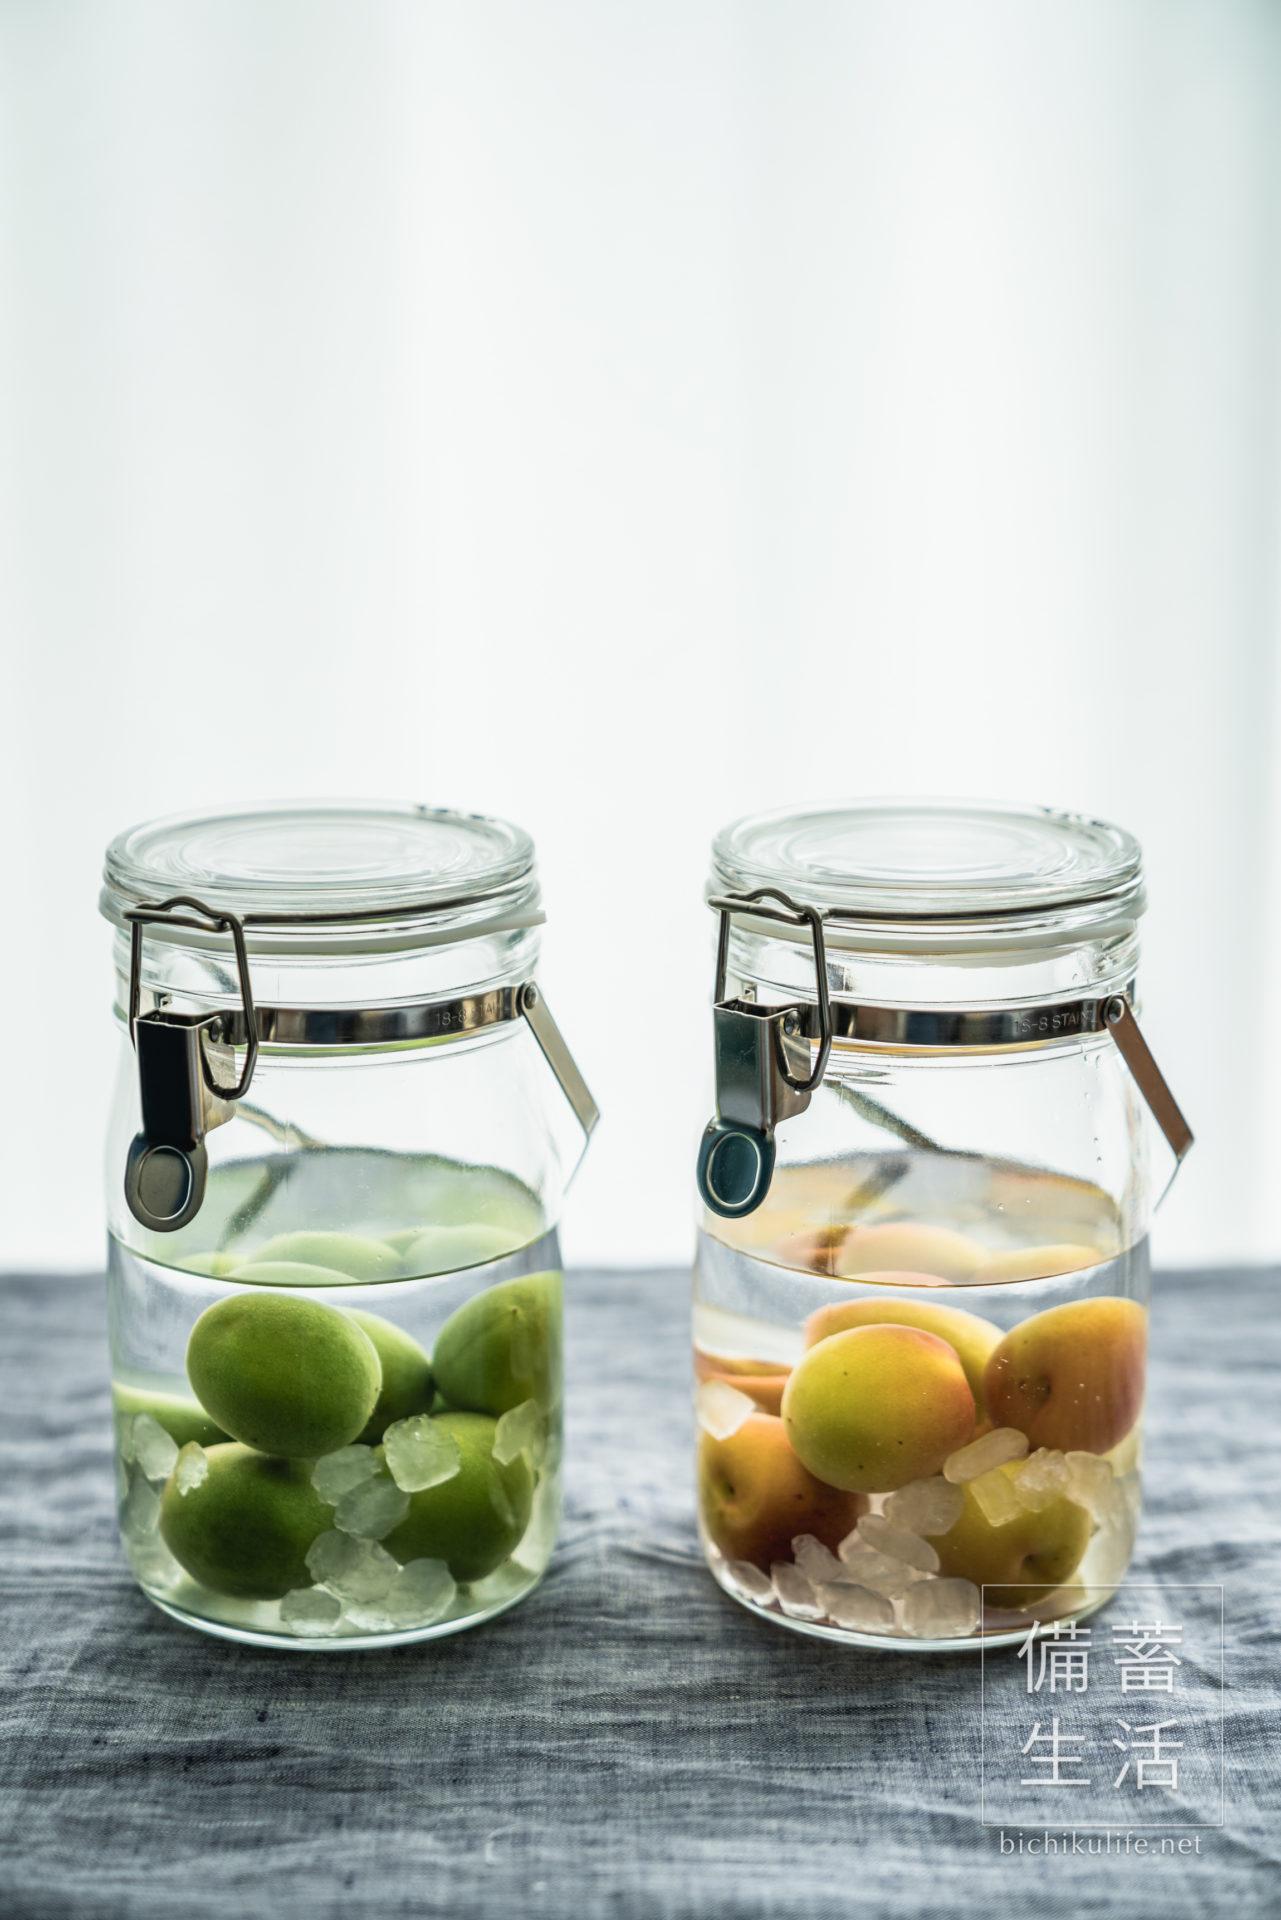 梅酒づくり 自家製梅酒を作るアイデア、青梅の自家製梅酒と完熟南高梅の自家製梅酒